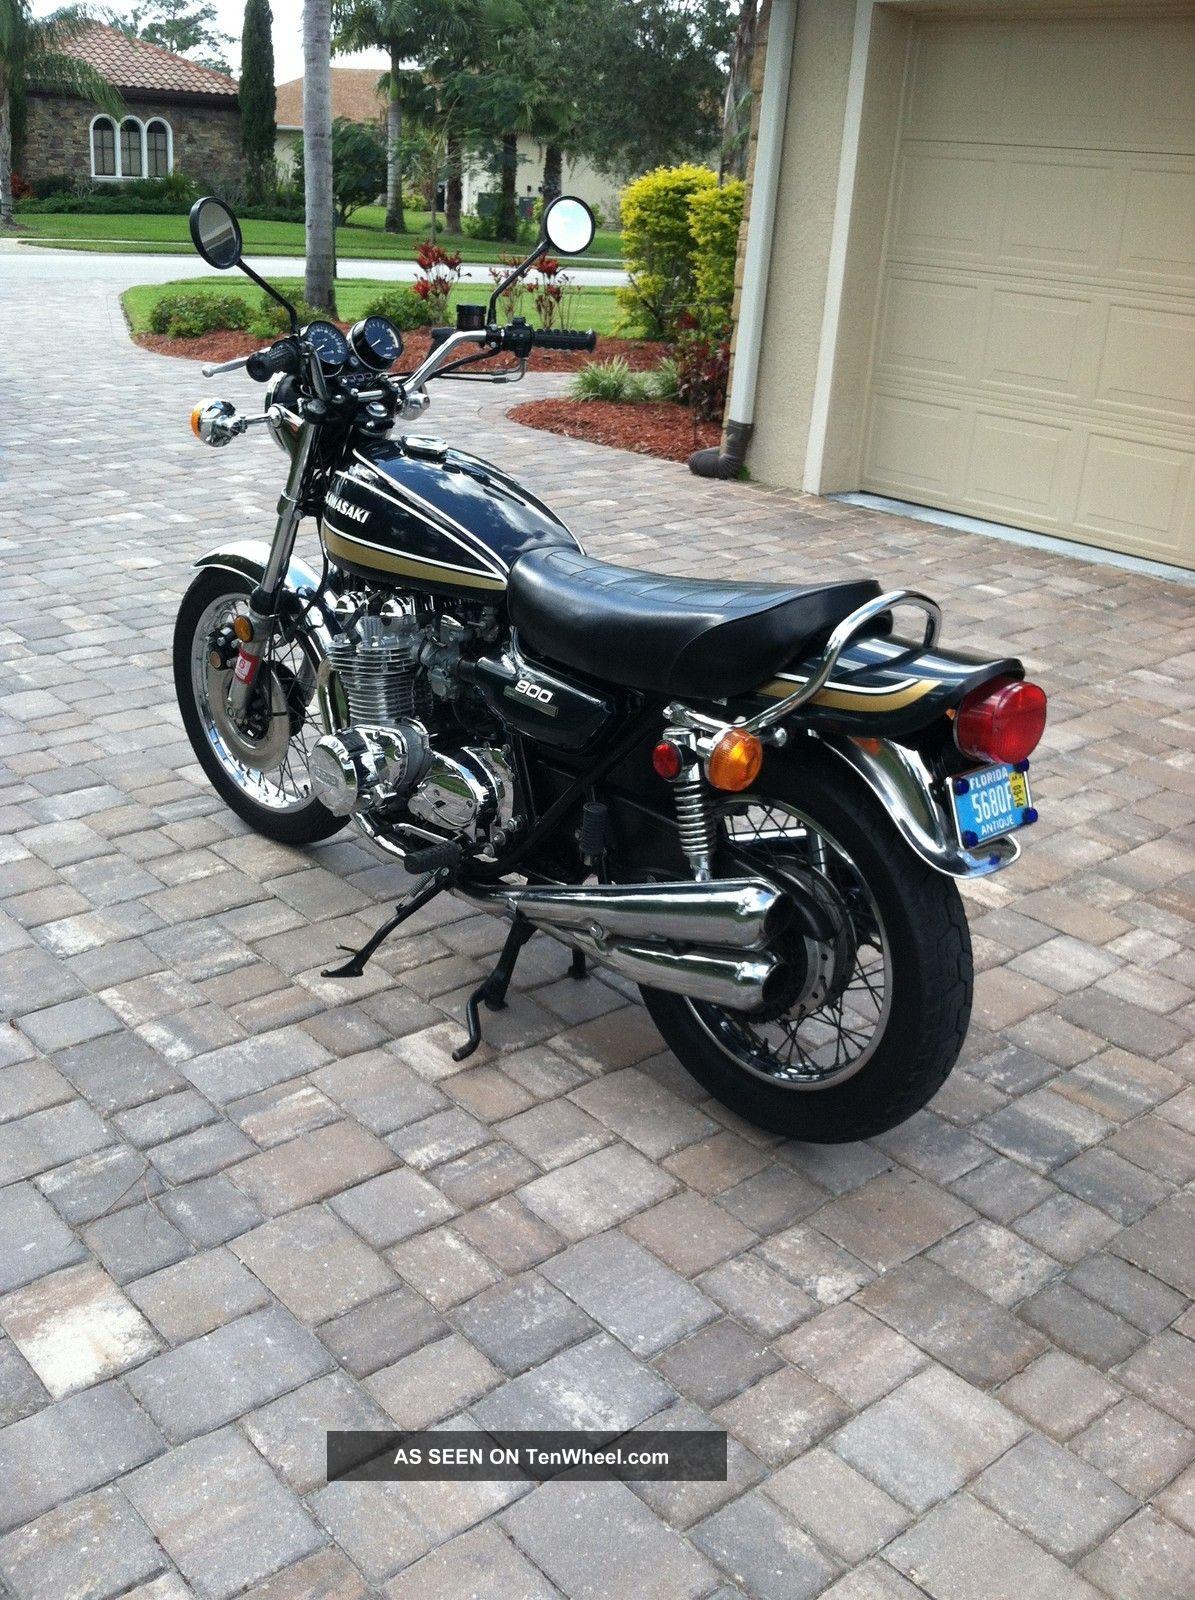 1975 Kawasaki Z1 Motorcycle